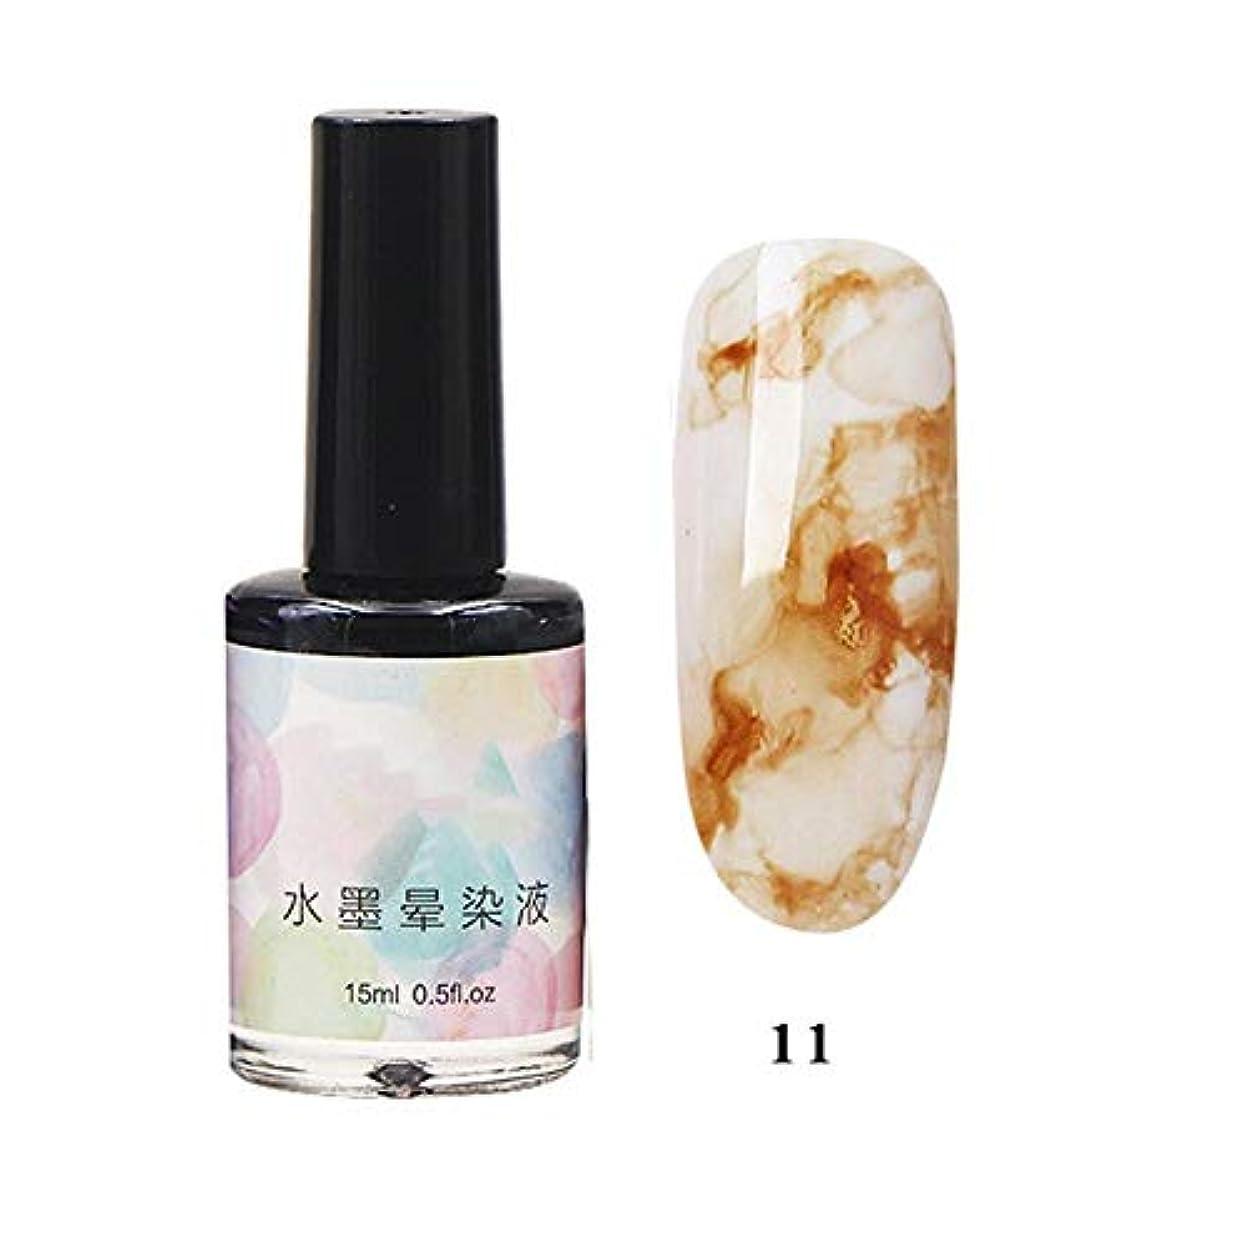 ペニー湿気の多い賢明な11色選べる ネイルポリッシュ マニキュア ネイルアート 美しい 水墨柄 ネイルカラー 液体 爪に塗って乾かす 初心者でも簡単に使用できる junexi